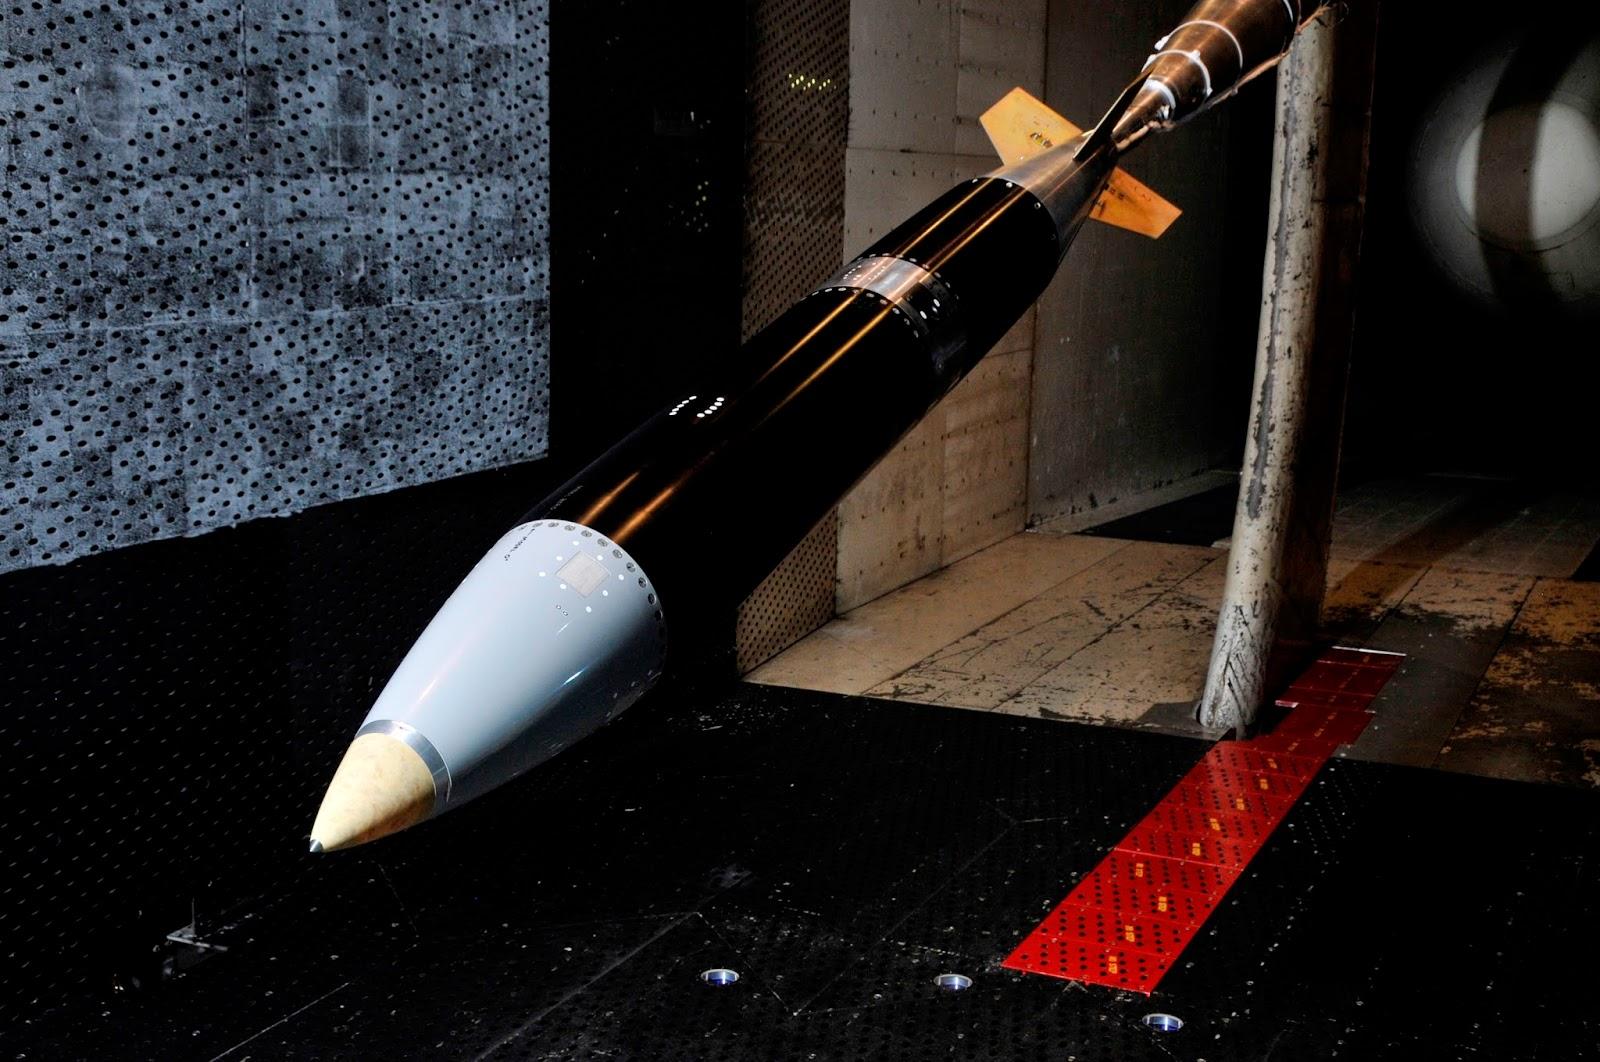 The Washington Free Beacon: основные цели для модернизированных В-61-12